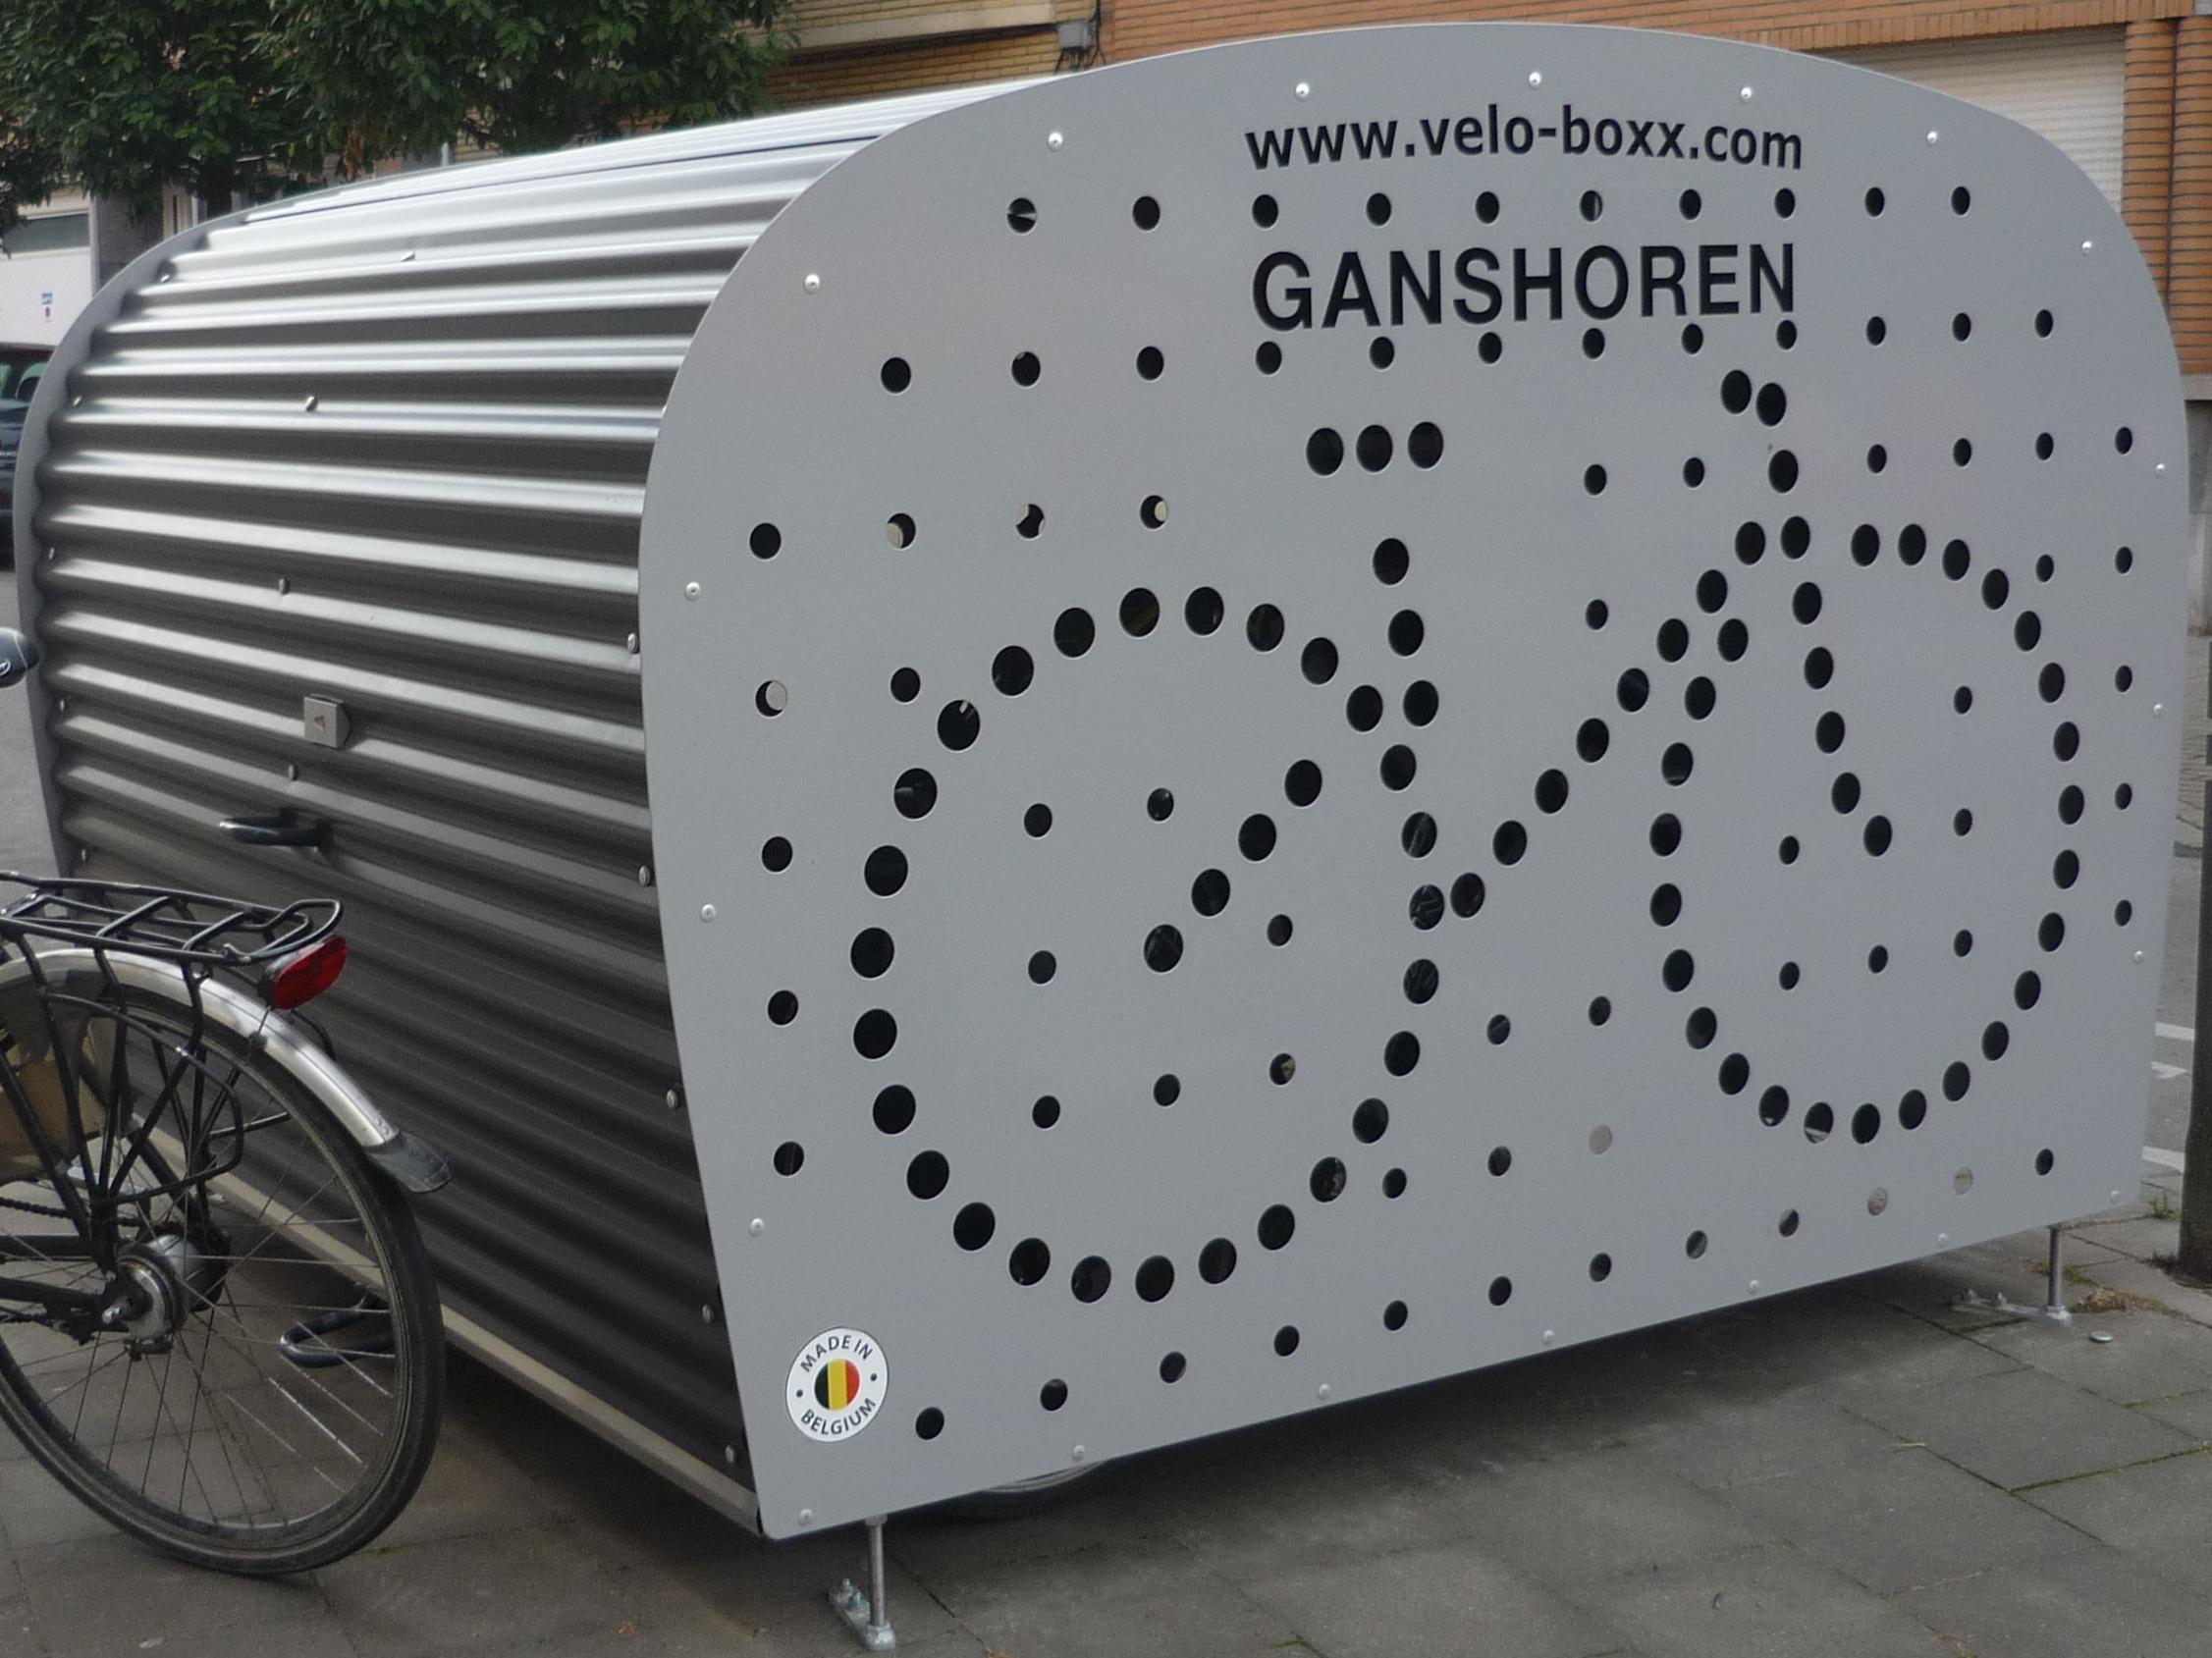 Fietsbox vélo boxx Ganshoren